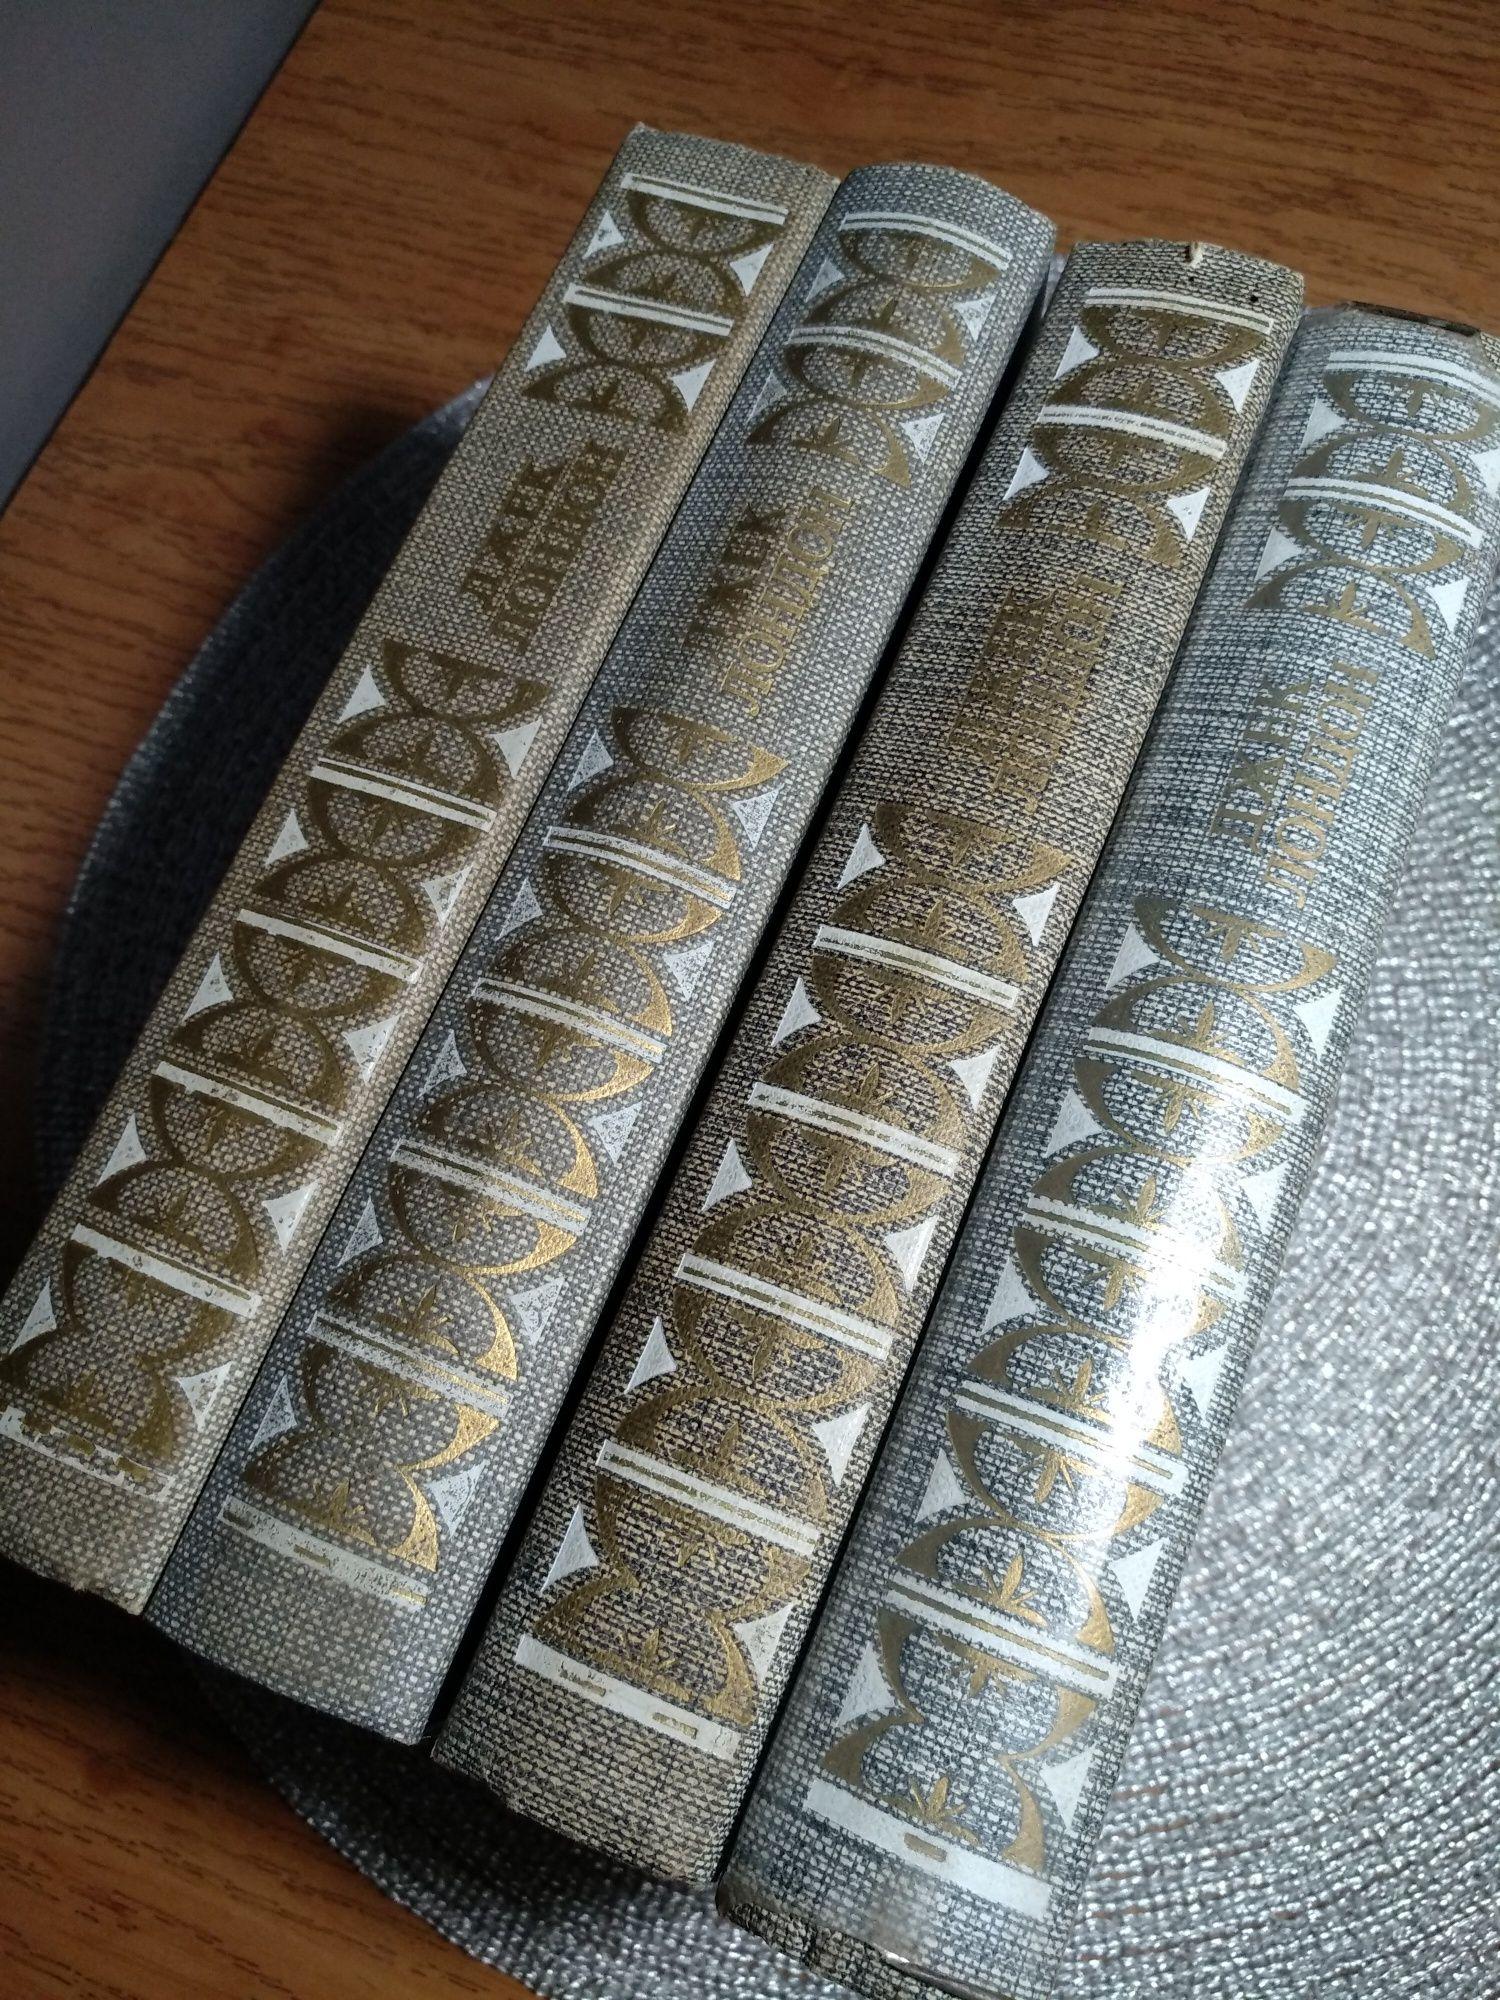 Книги Джек Лондон в 4х томах по 570стр.